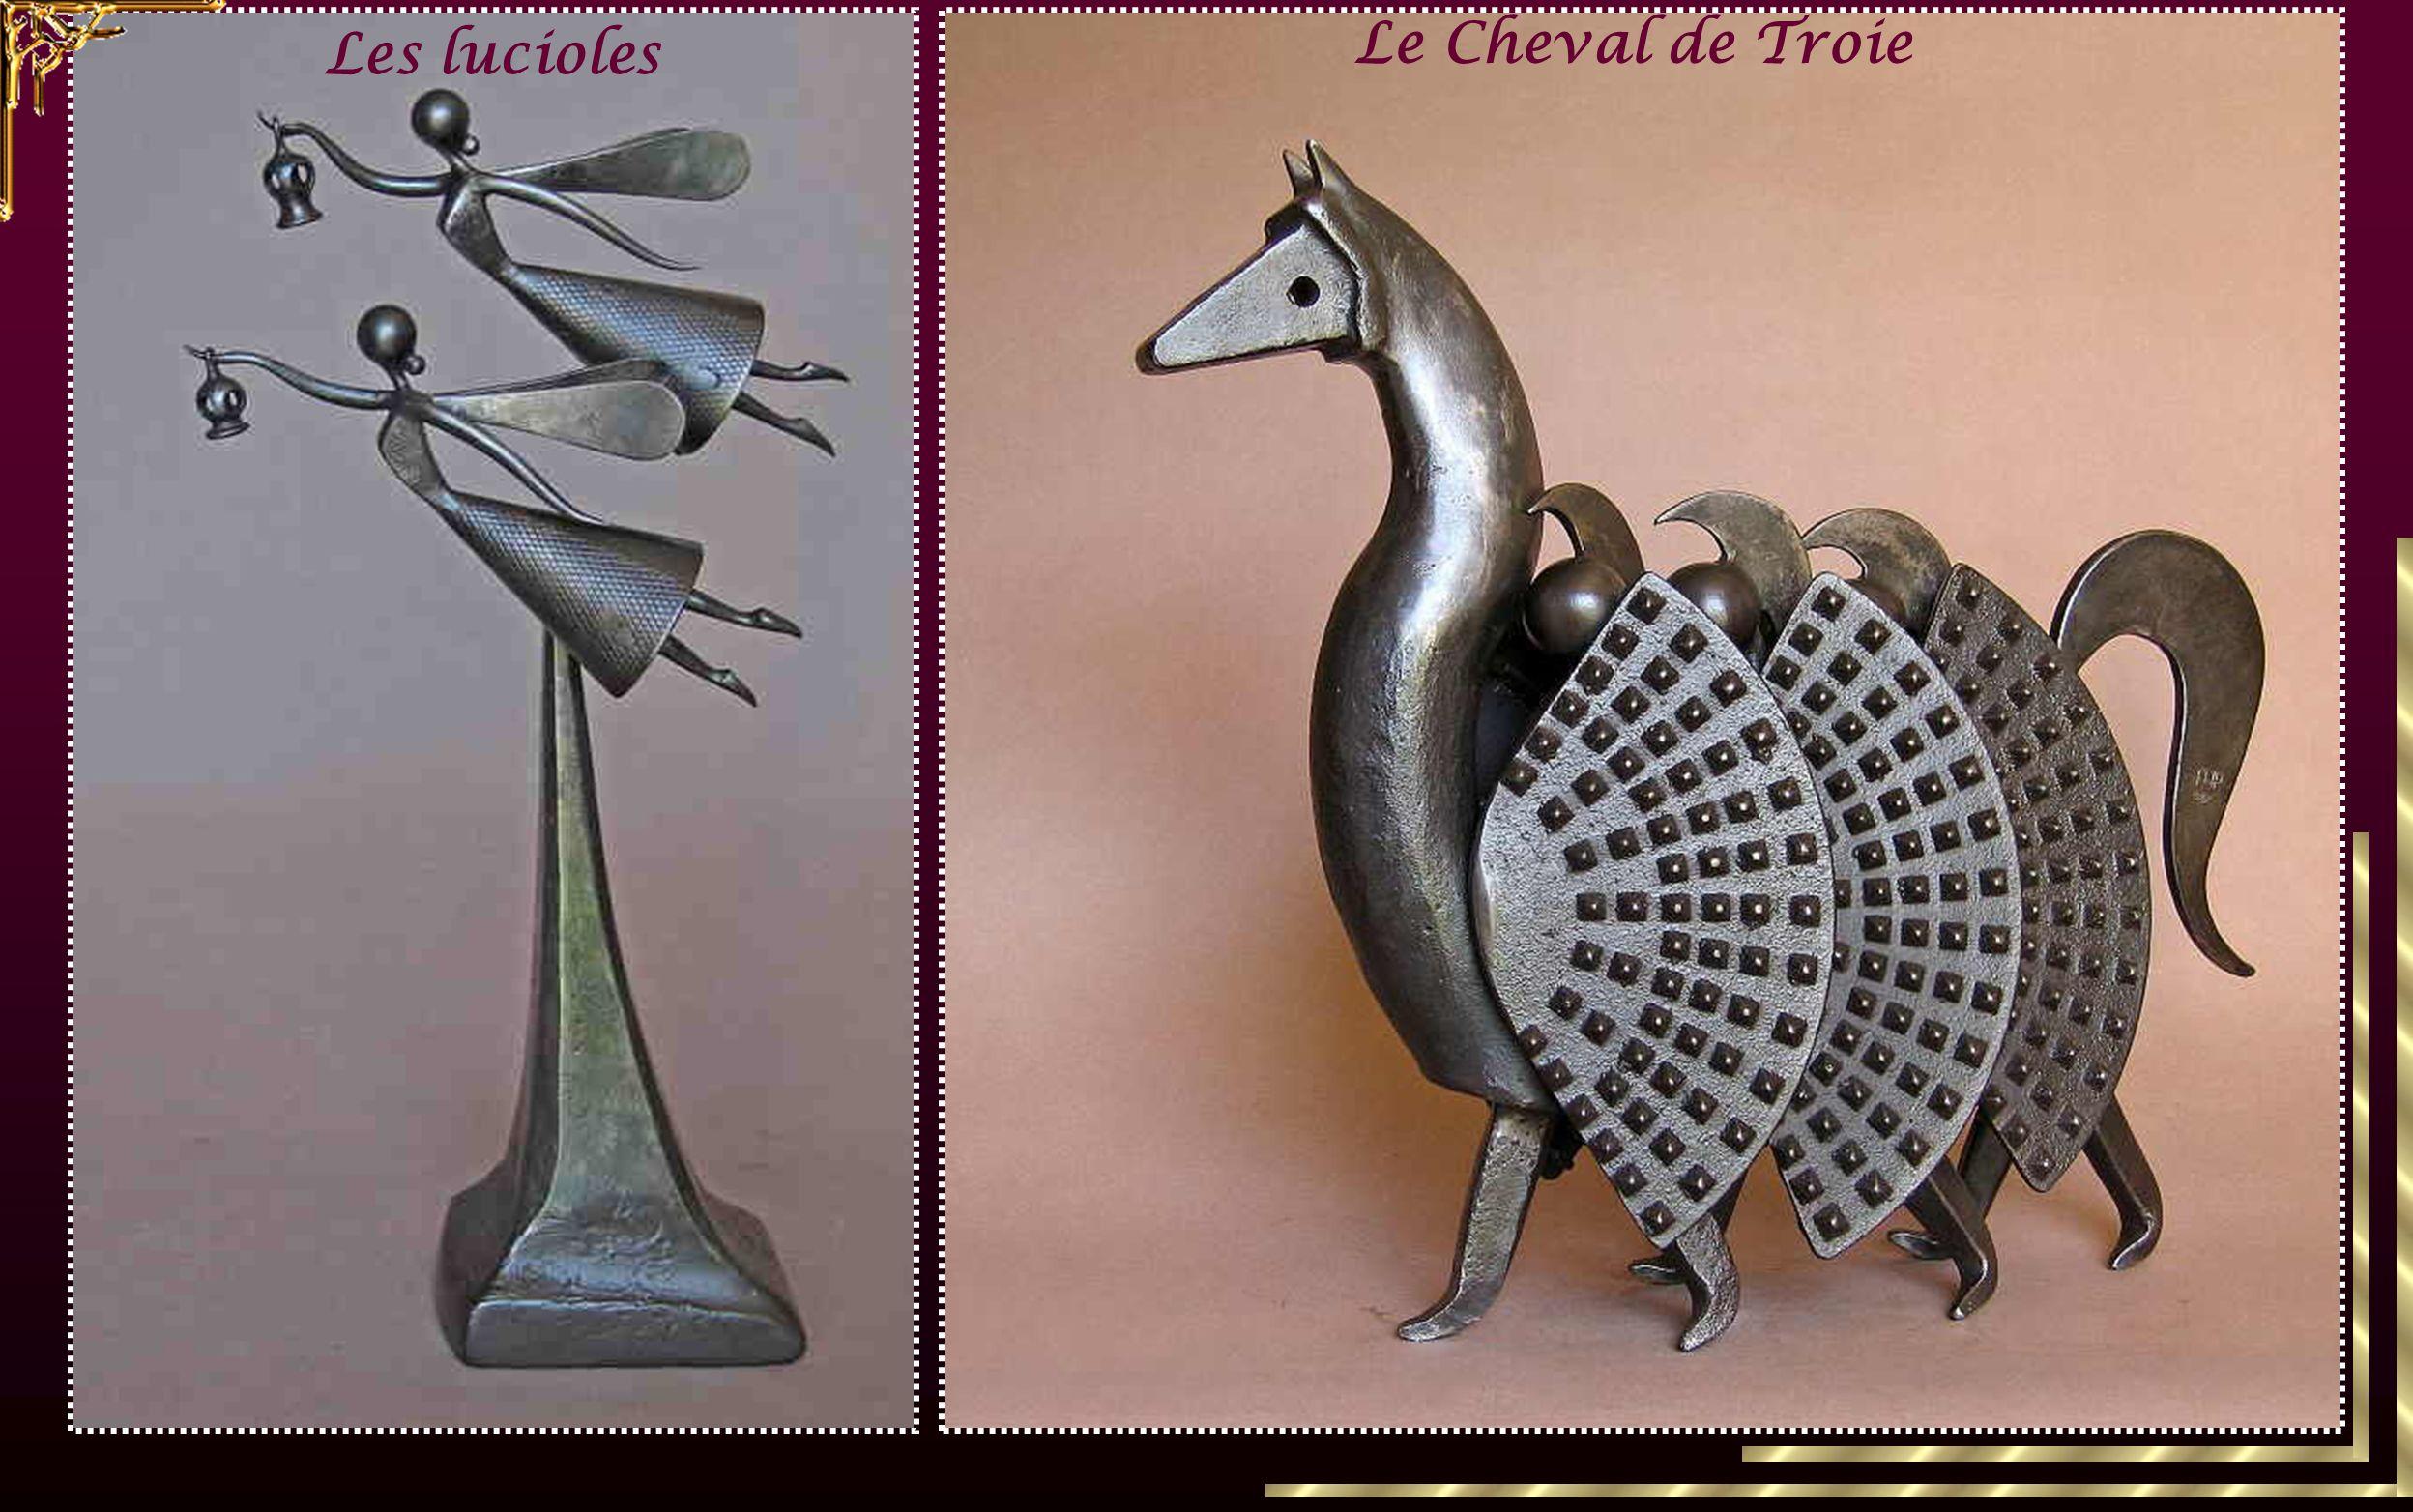 Le Cheval de Troie Les lucioles